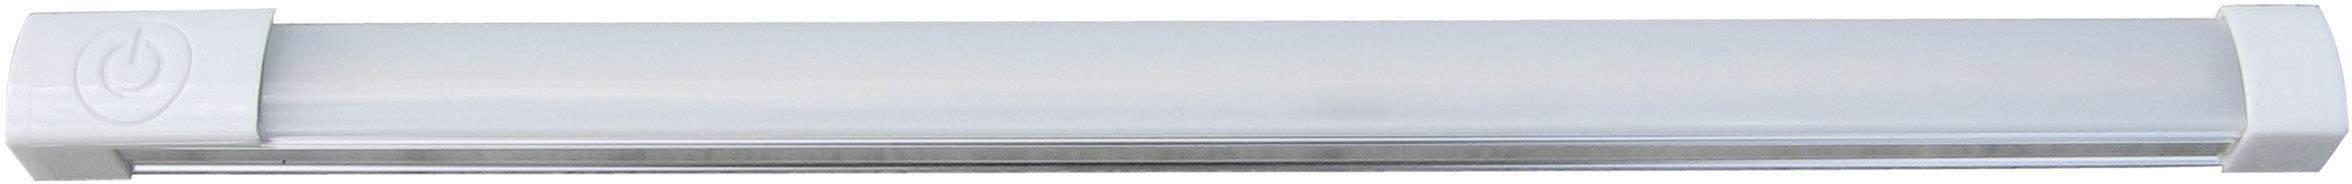 LED podhľadové svetlo DioDor Diodor lichtbalk DIO-TL25-FN, 3.5 W, 25 cm, teplá biela, biela